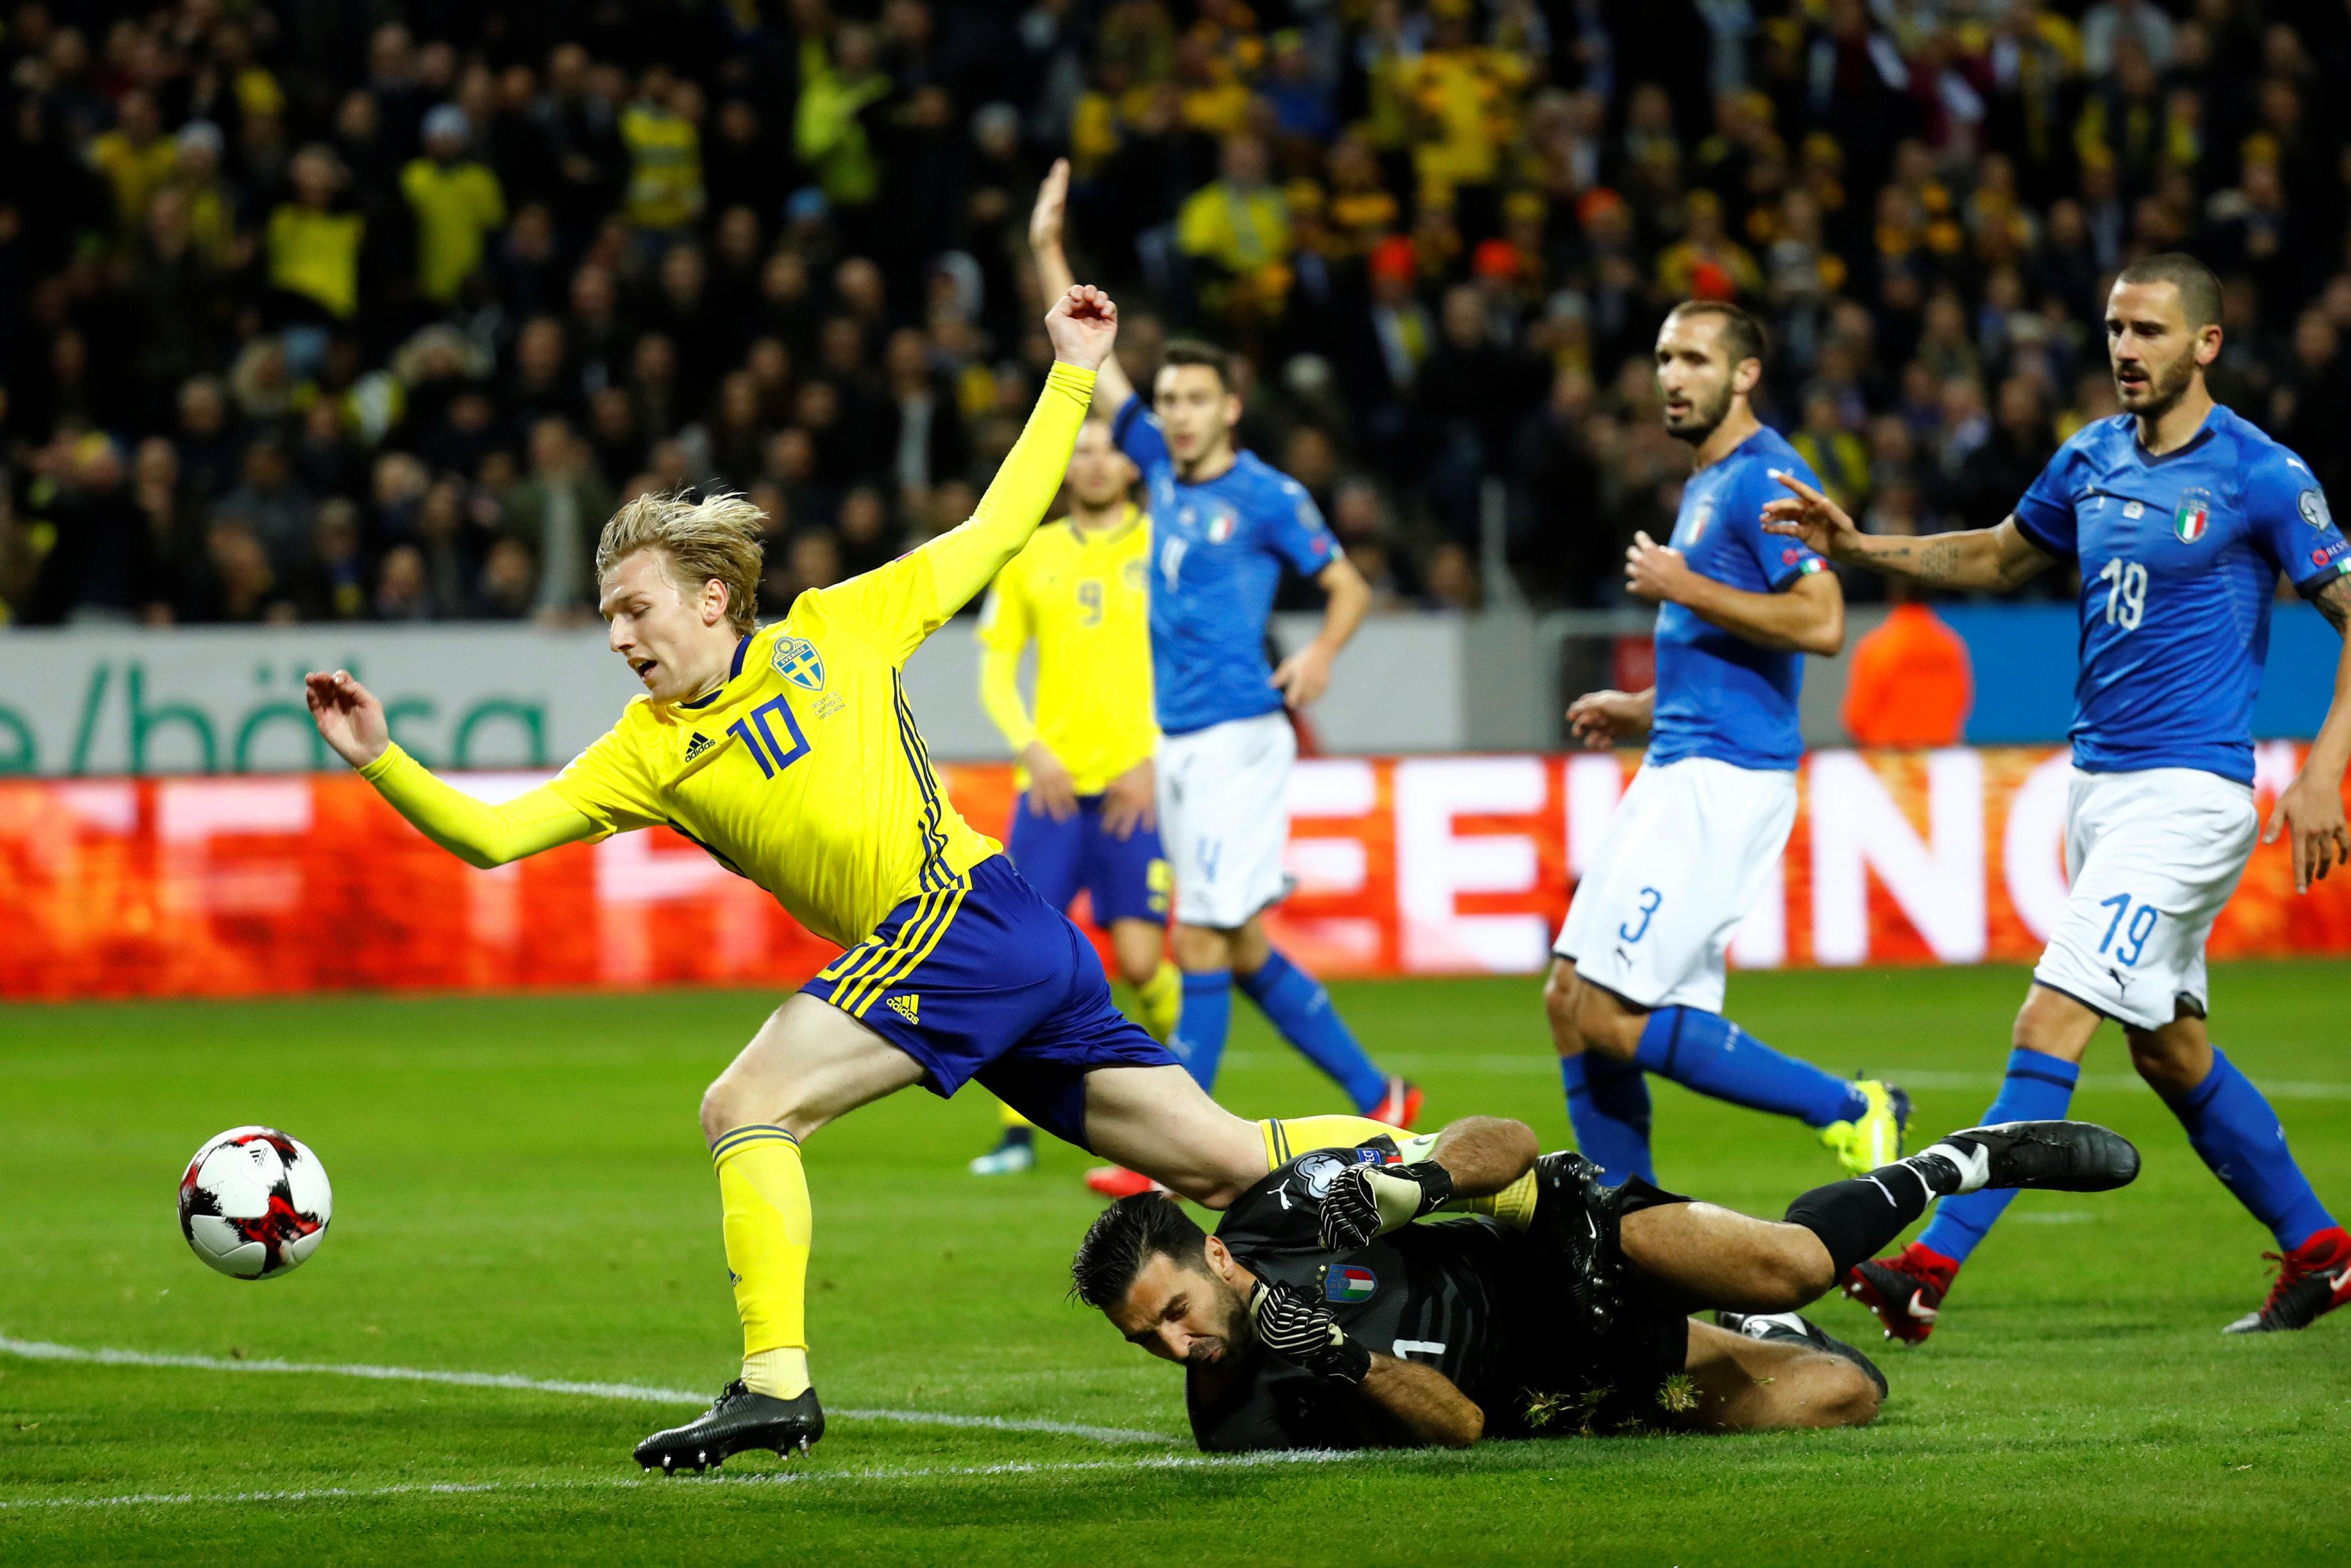 Thủ môn Buffon lao ra cản phá bóng ngay trong chân Forsberg. Ảnh: REUTERS